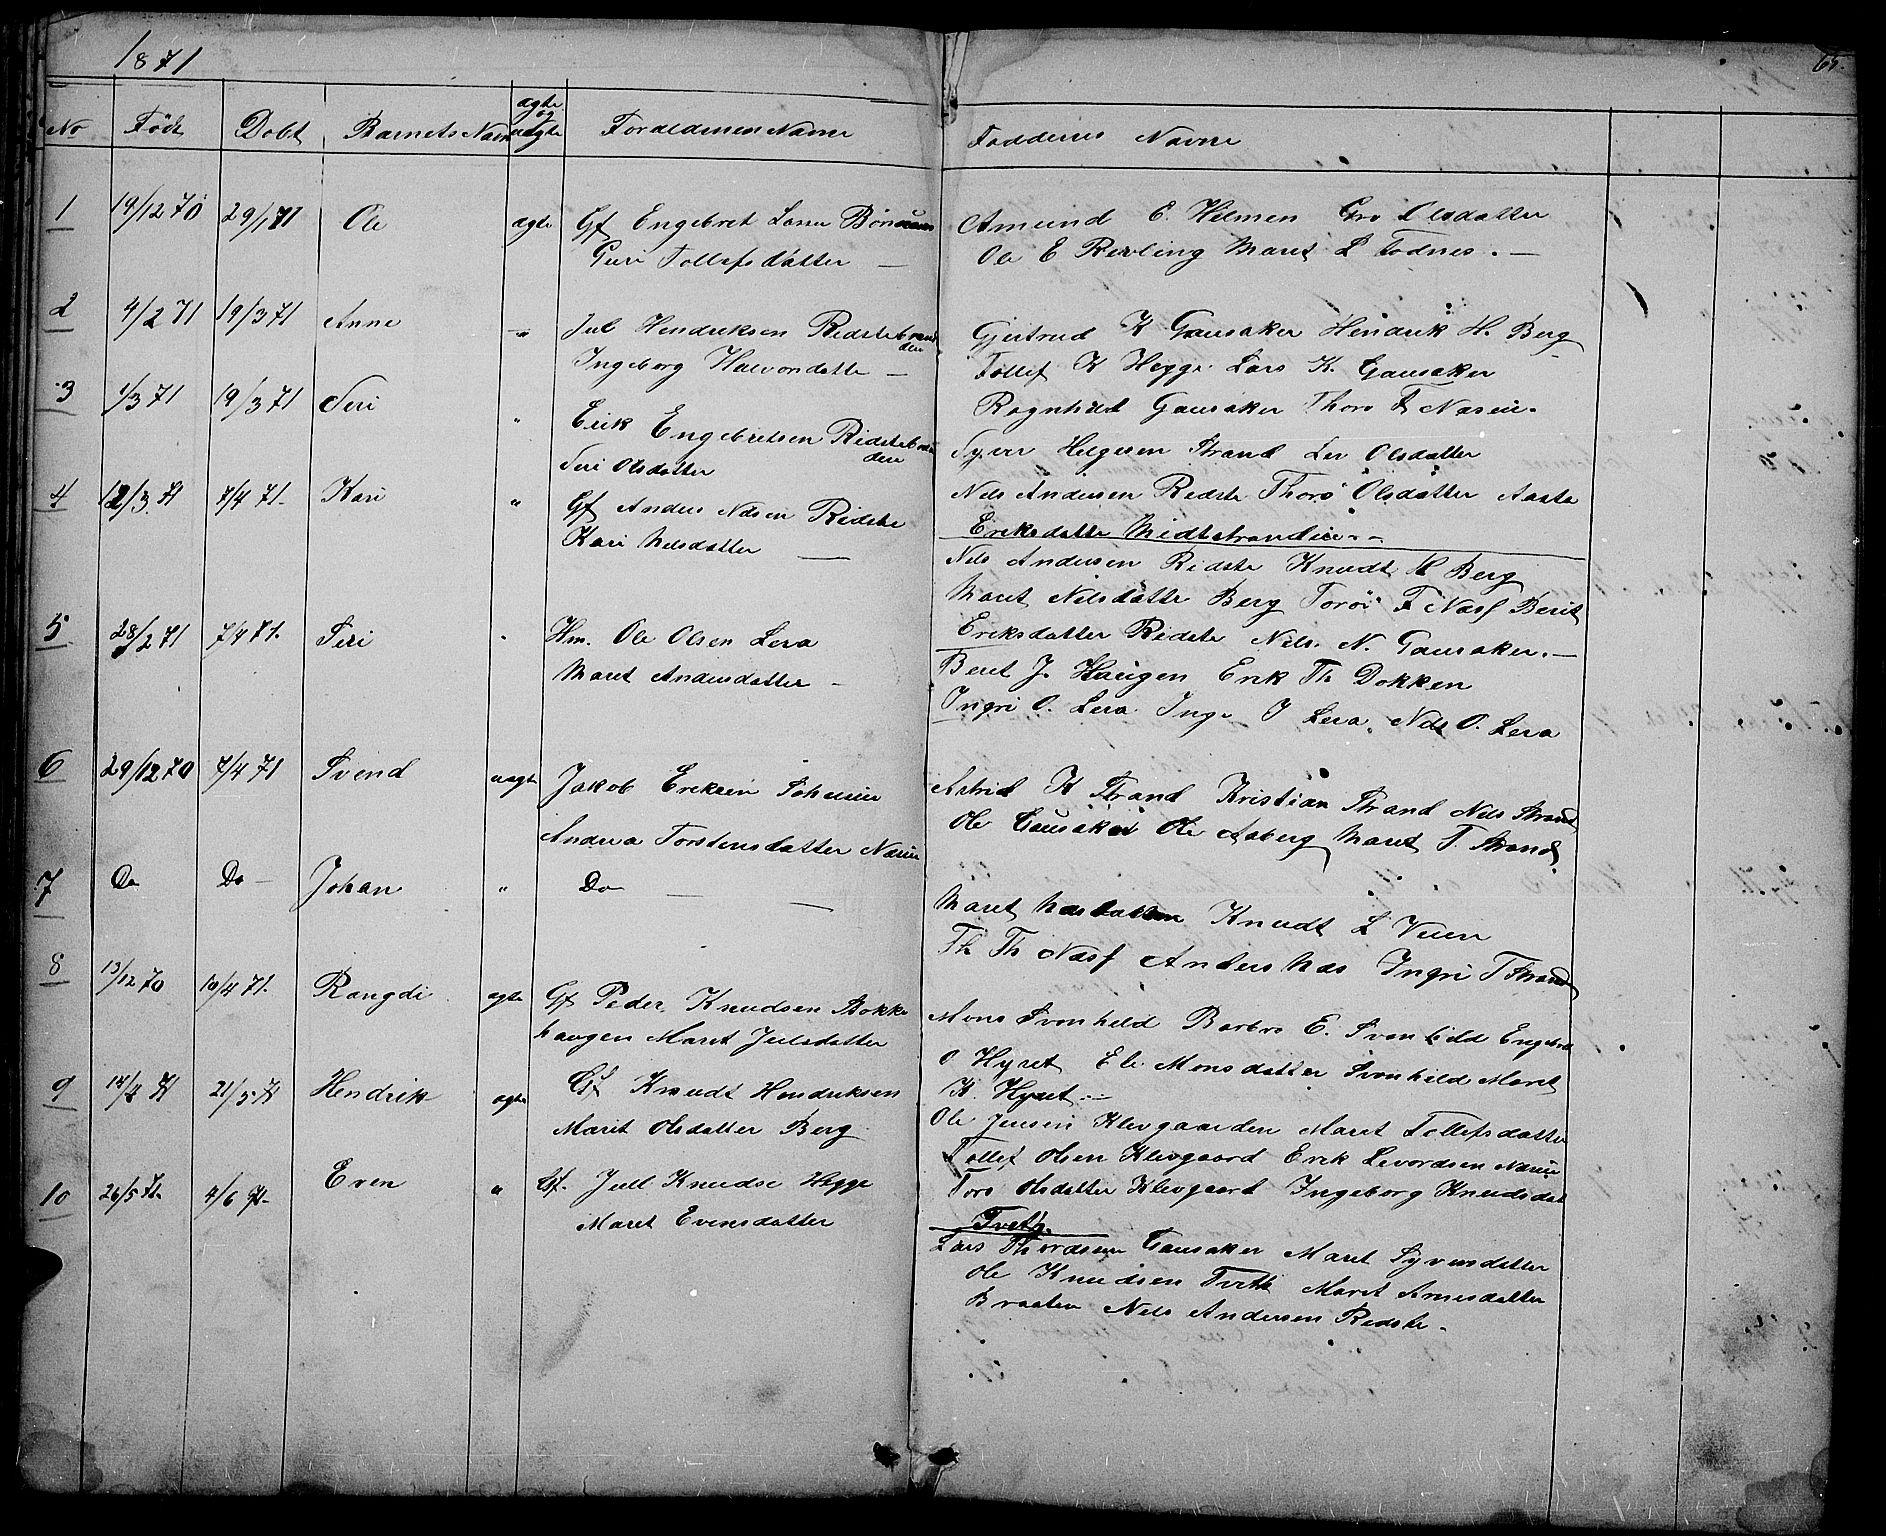 SAH, Nord-Aurdal prestekontor, Klokkerbok nr. 3, 1842-1882, s. 65